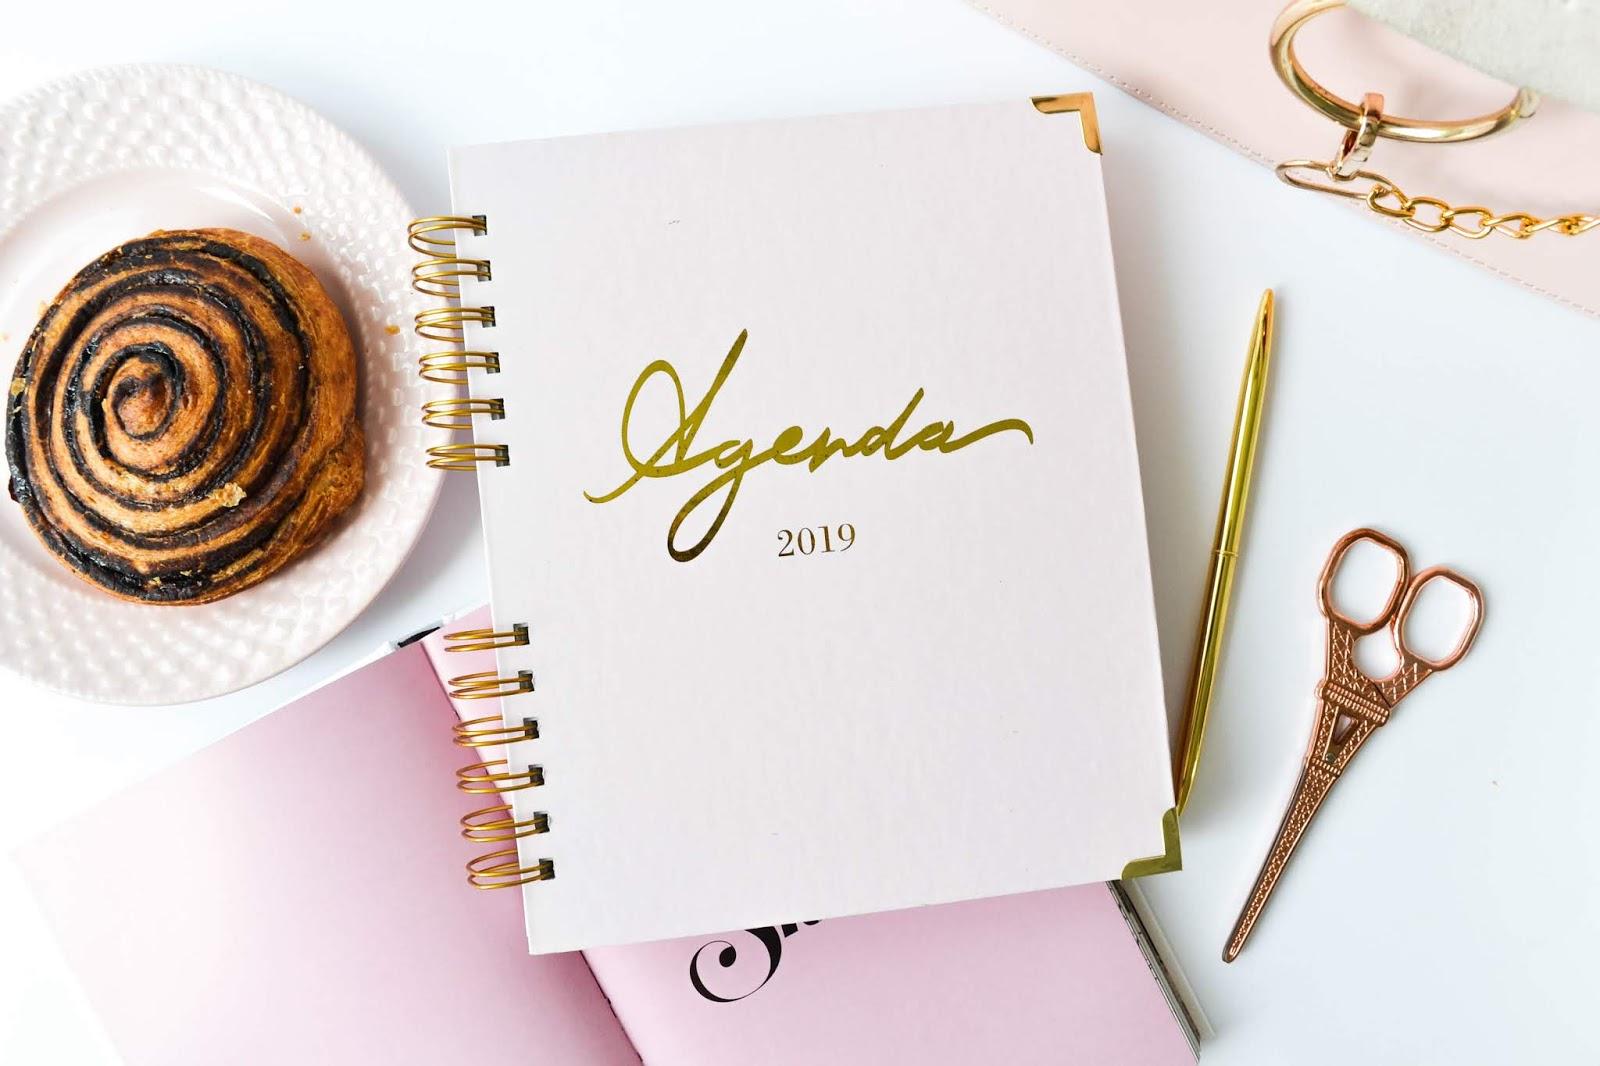 Dorinus Illustrations // 2019 Agenda